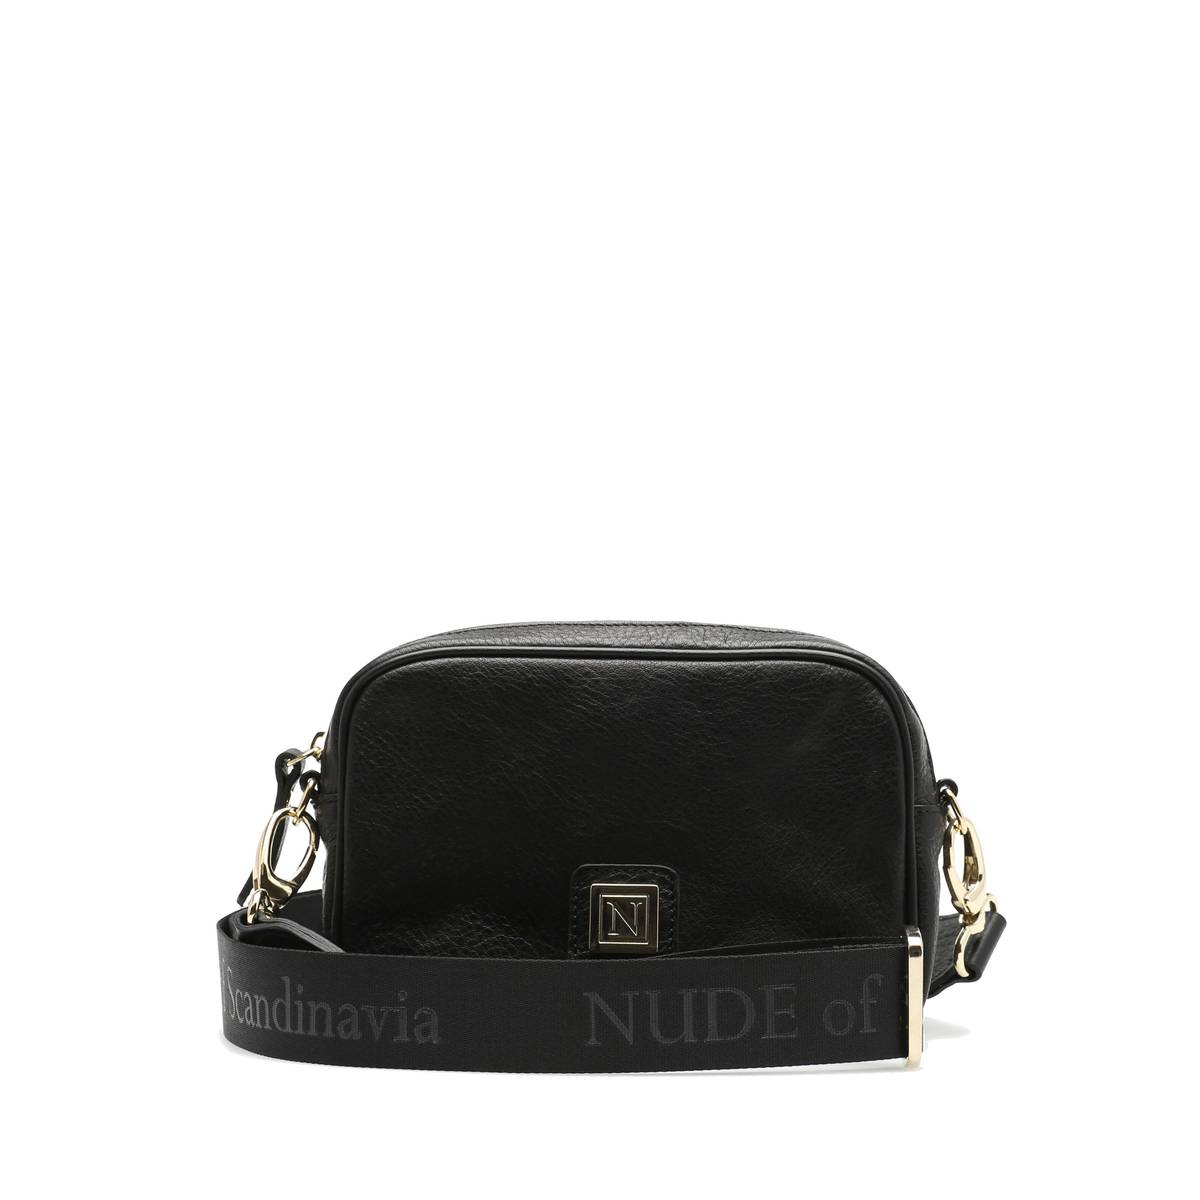 NUDE - Molly CB Bag Saratoga / Nero Gold 232SO